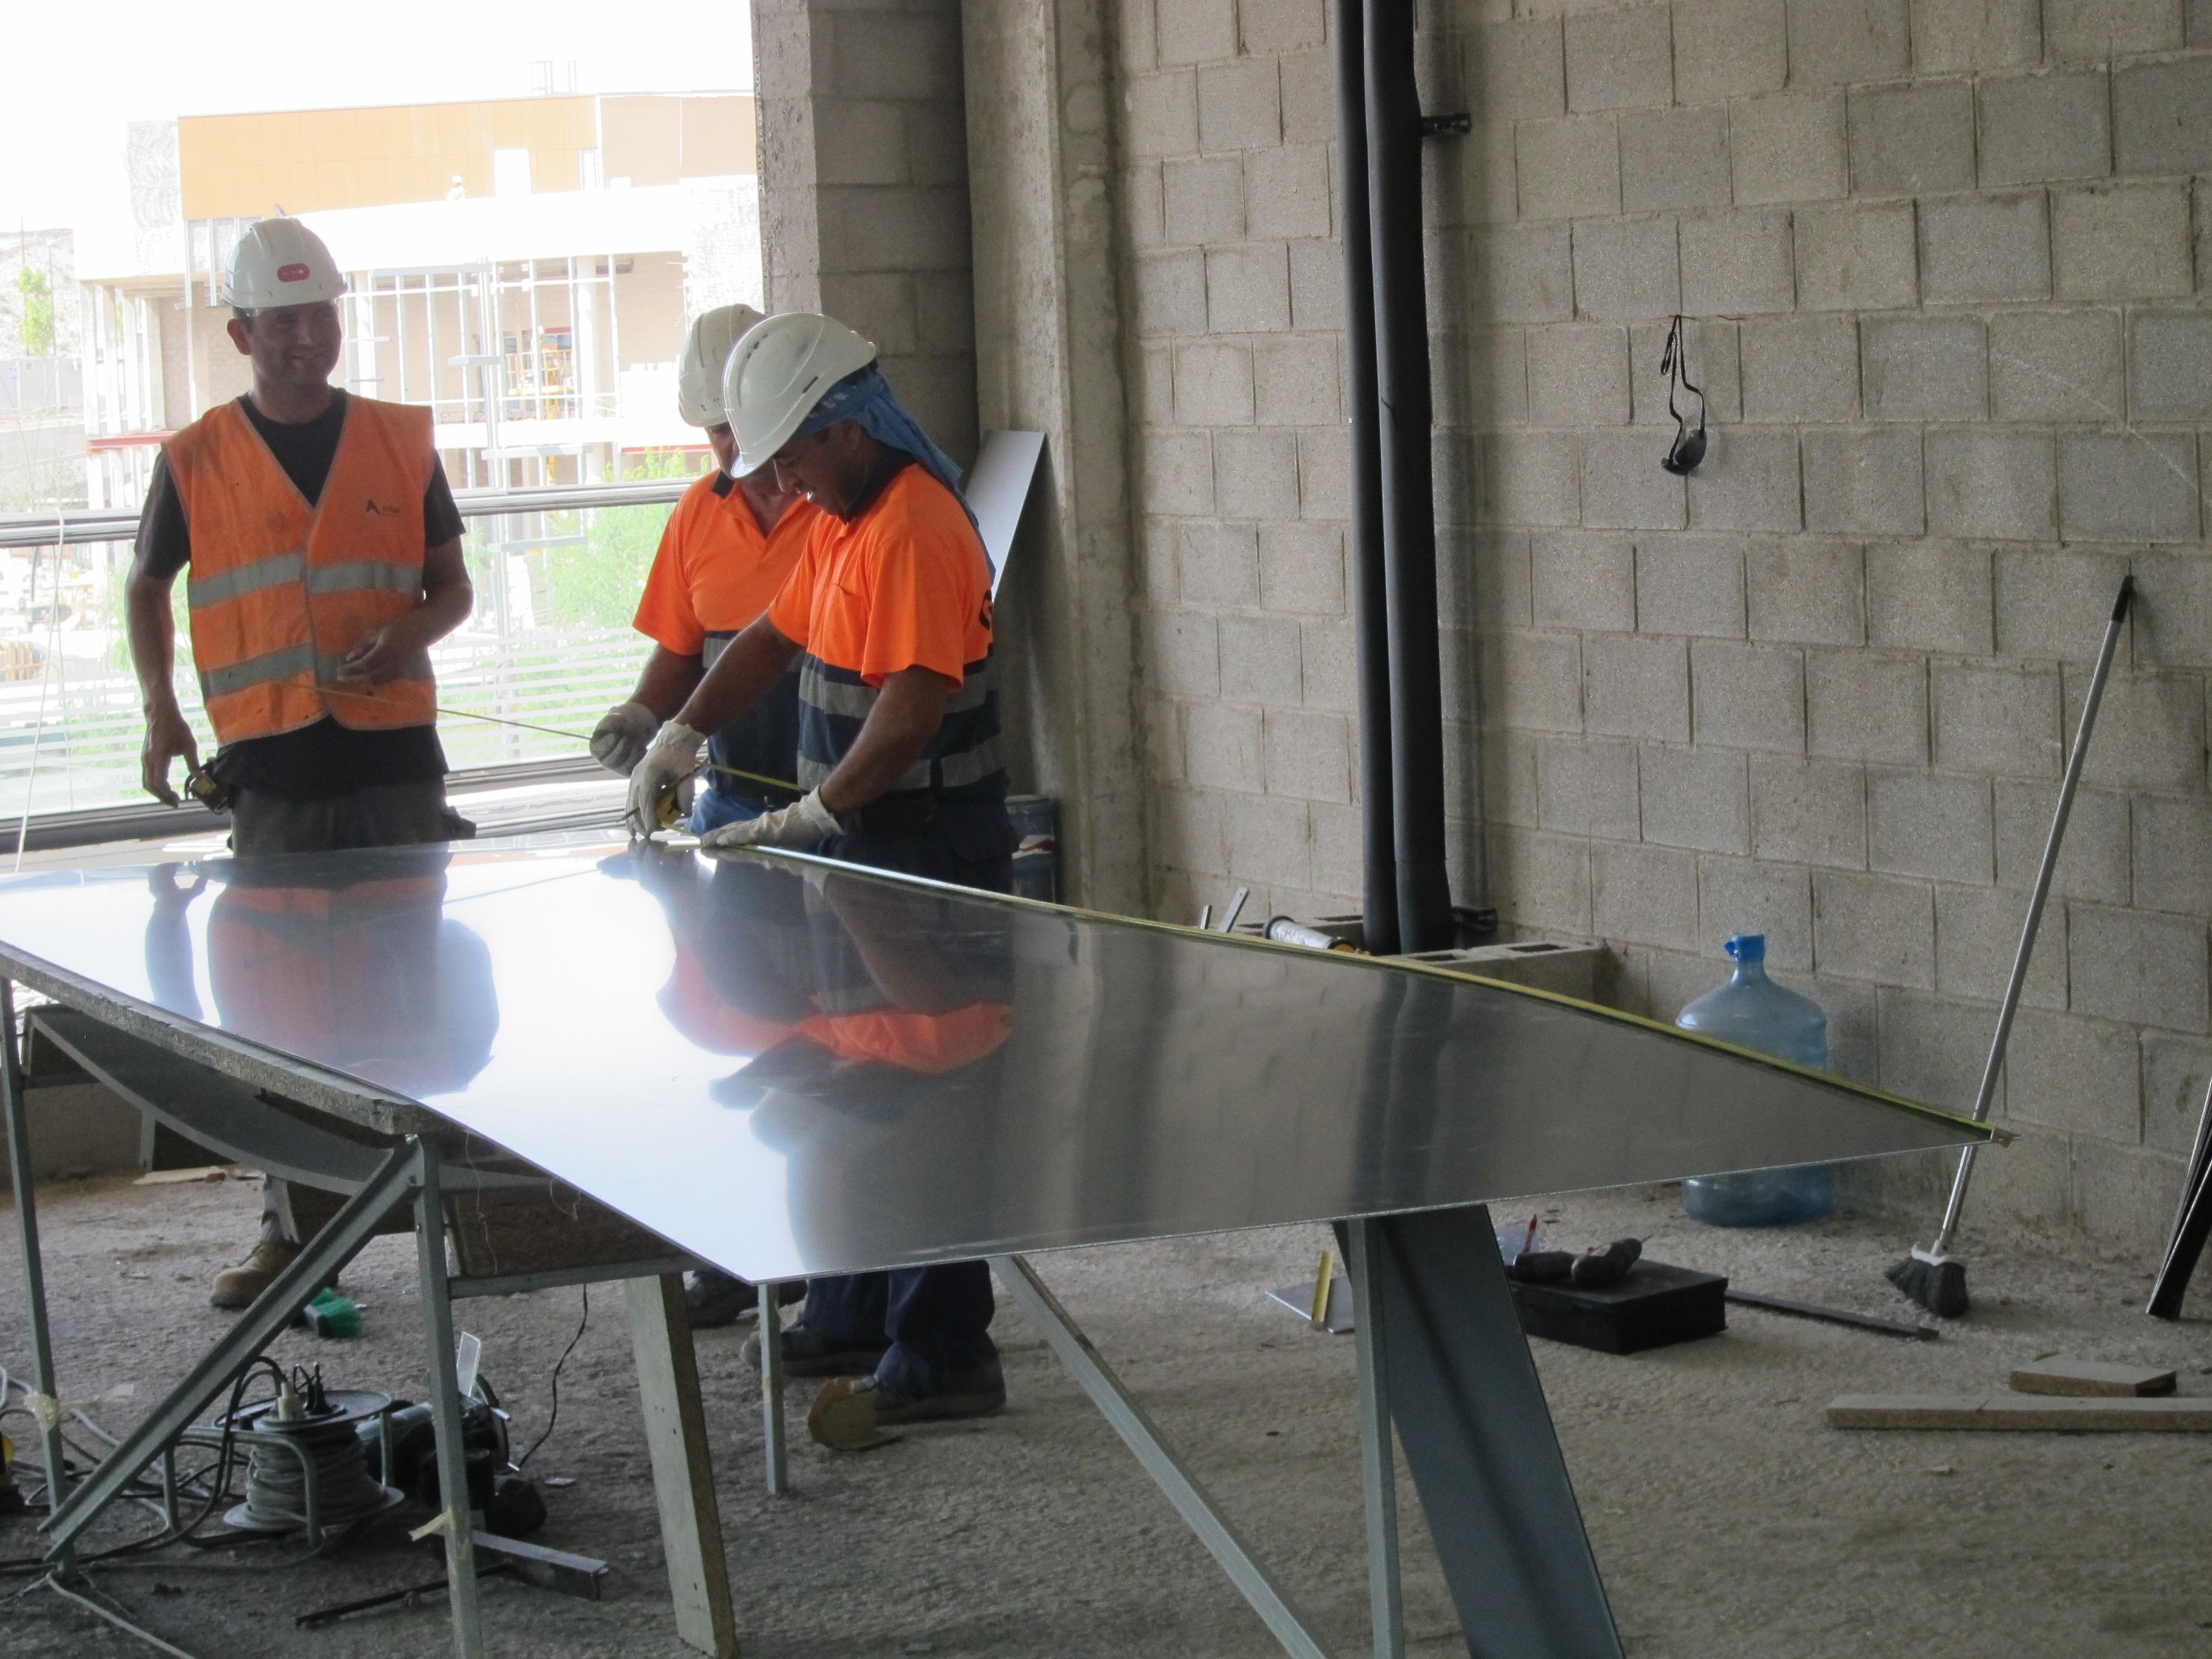 Aragón registra un total de 9.226 accidentes laborales en 2013, un descenso del 0,6%, según un estudio de Randstad